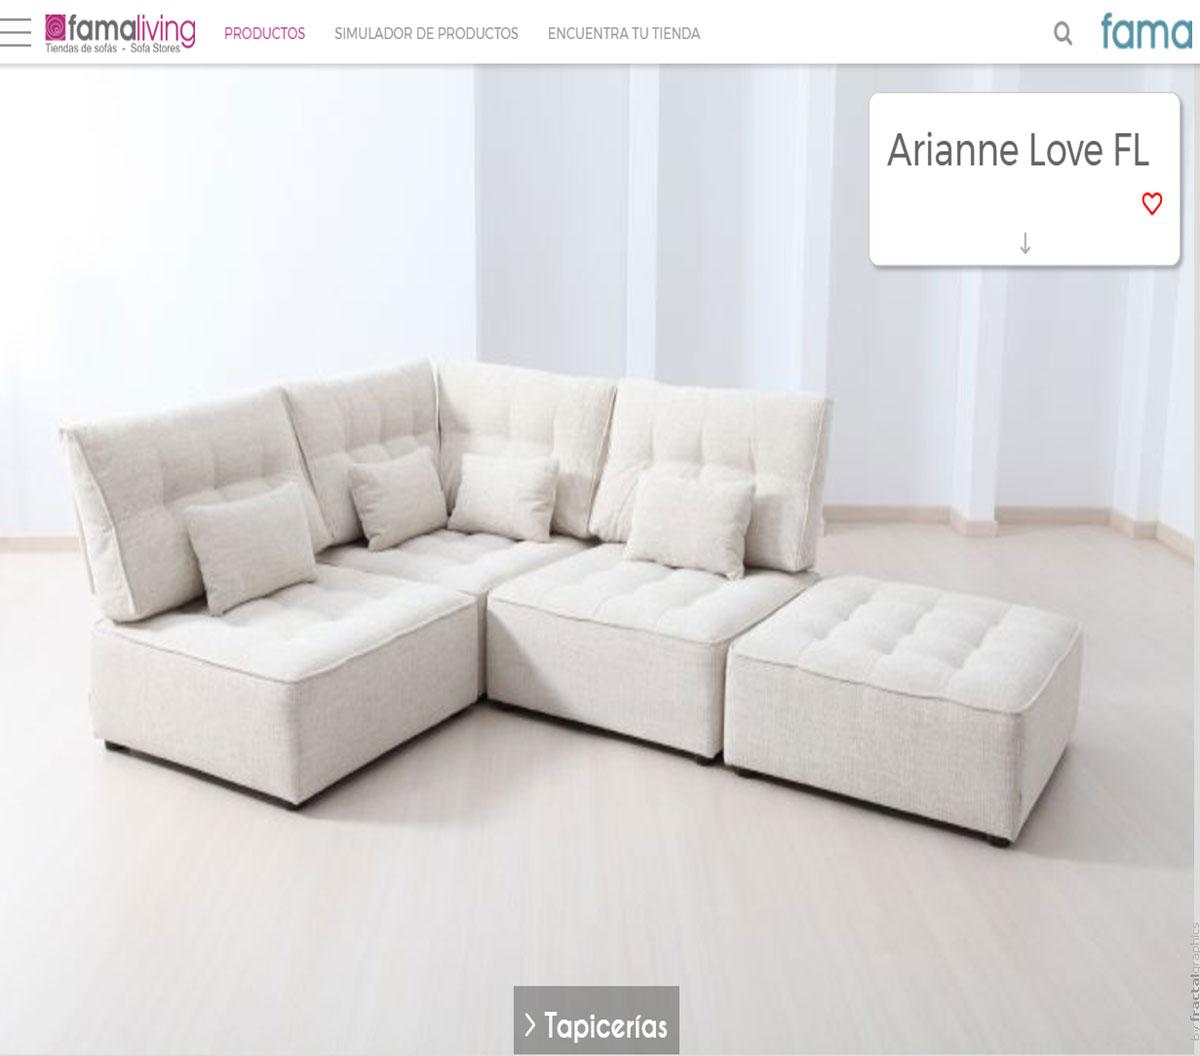 Disfruta eligiendo tu sofá en Famaliving.